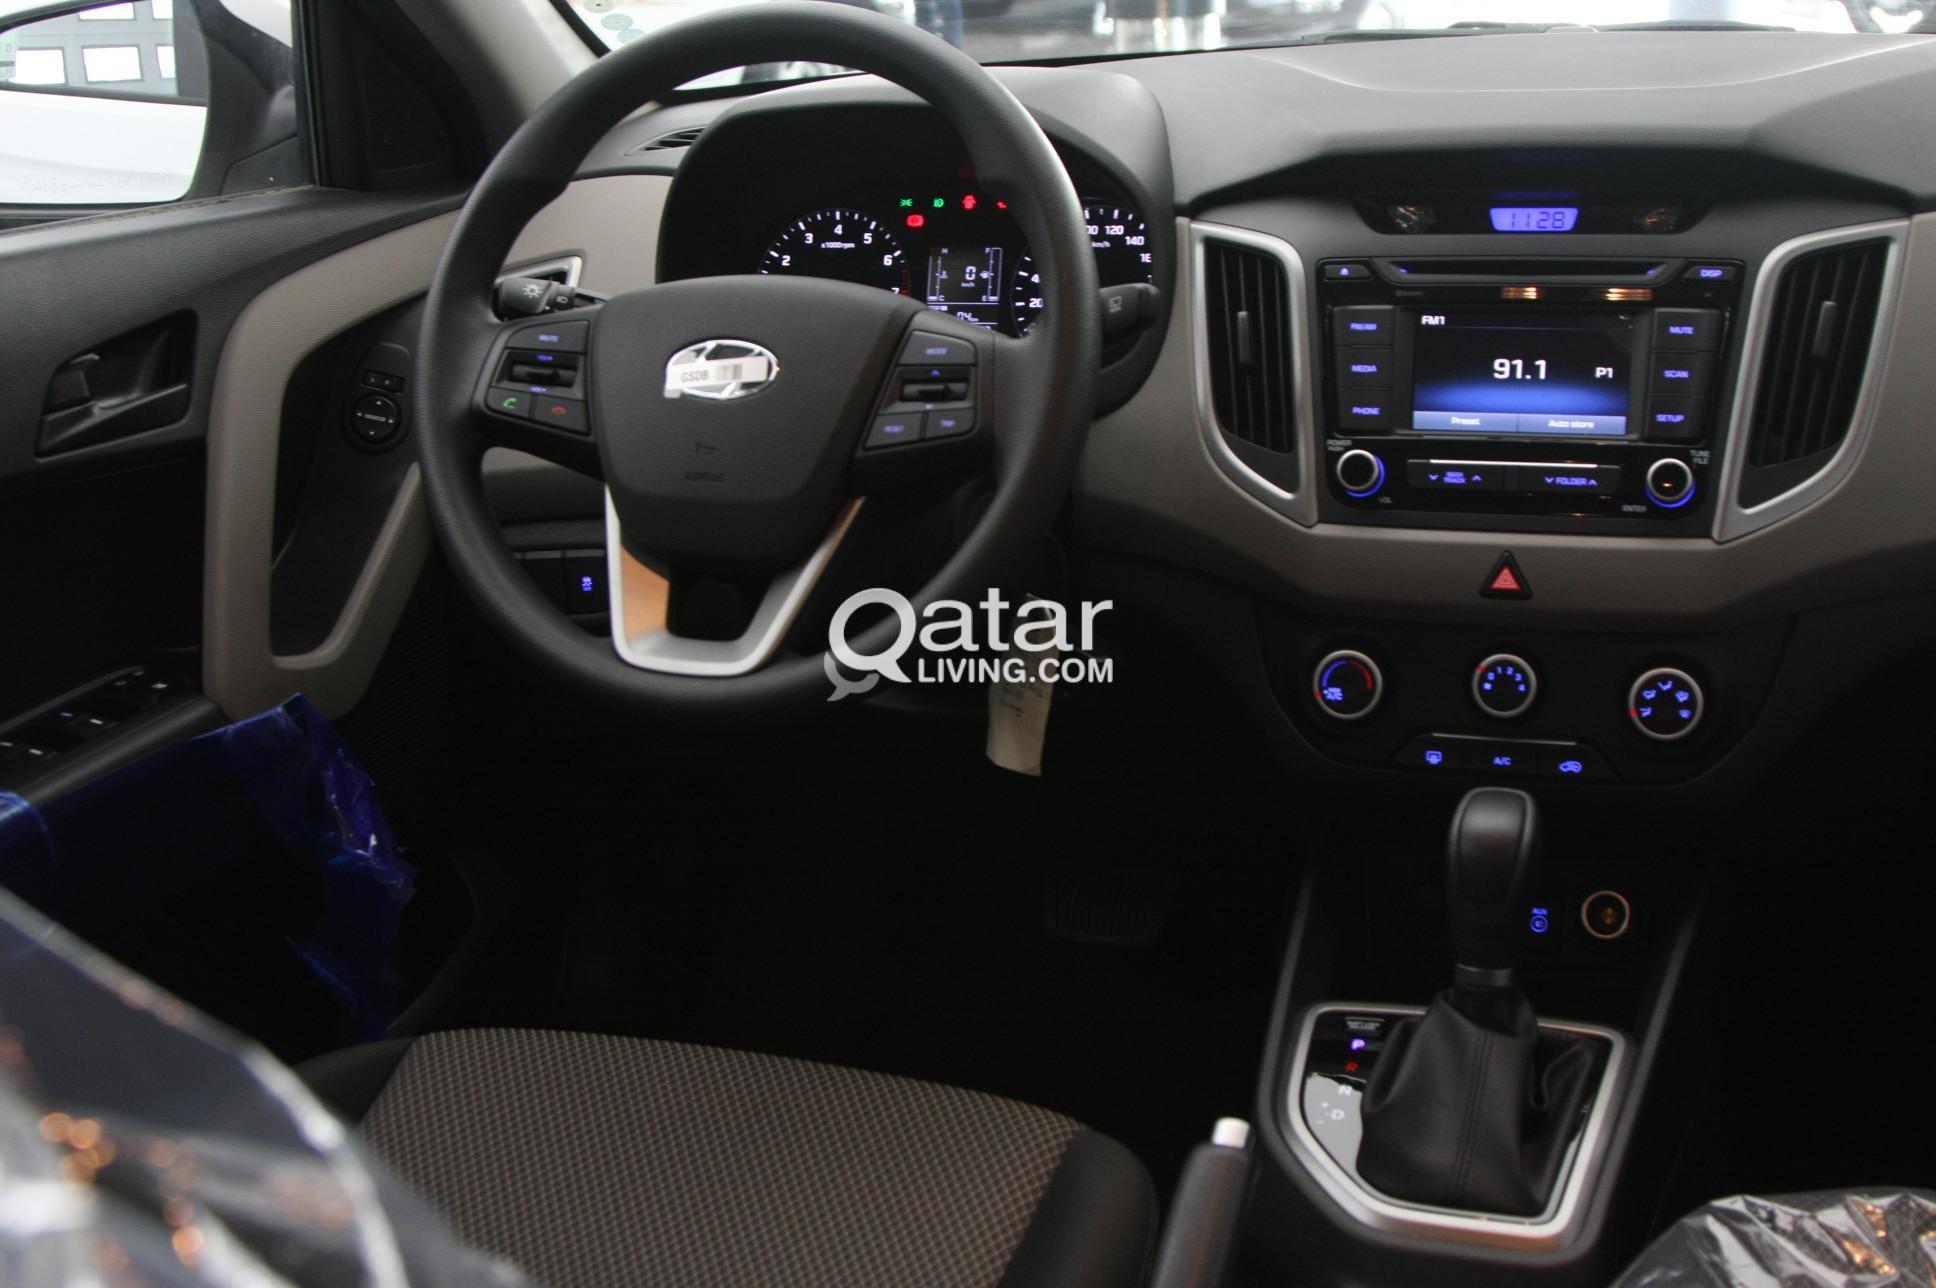 Creta 2017 White >> Hyundai Creta 2018 | Qatar Living